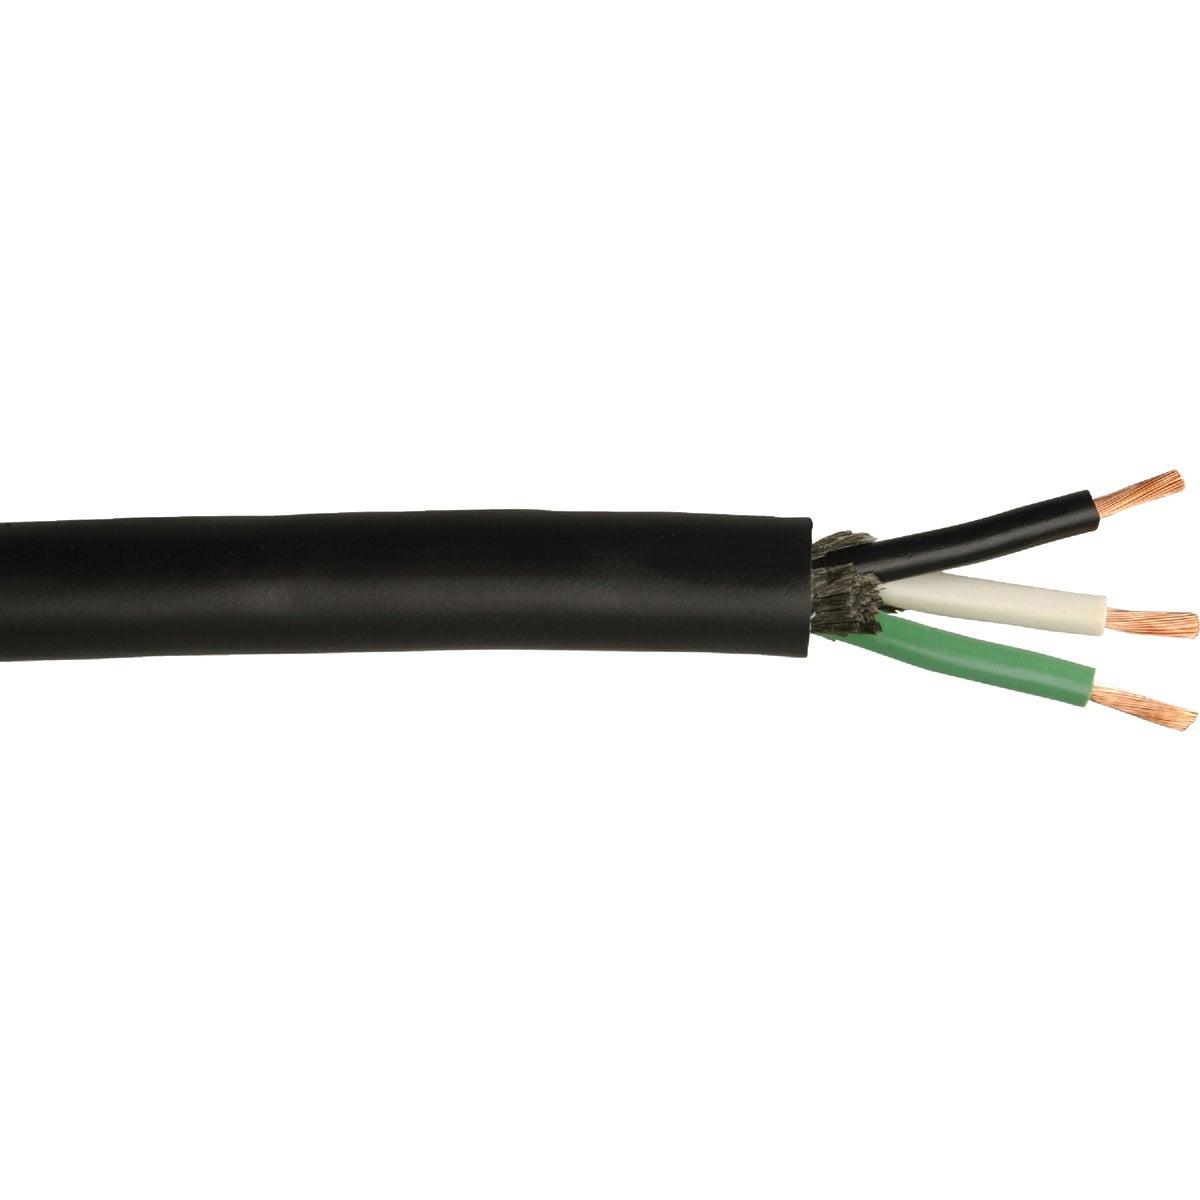 250' 16/3 Sjew Wire